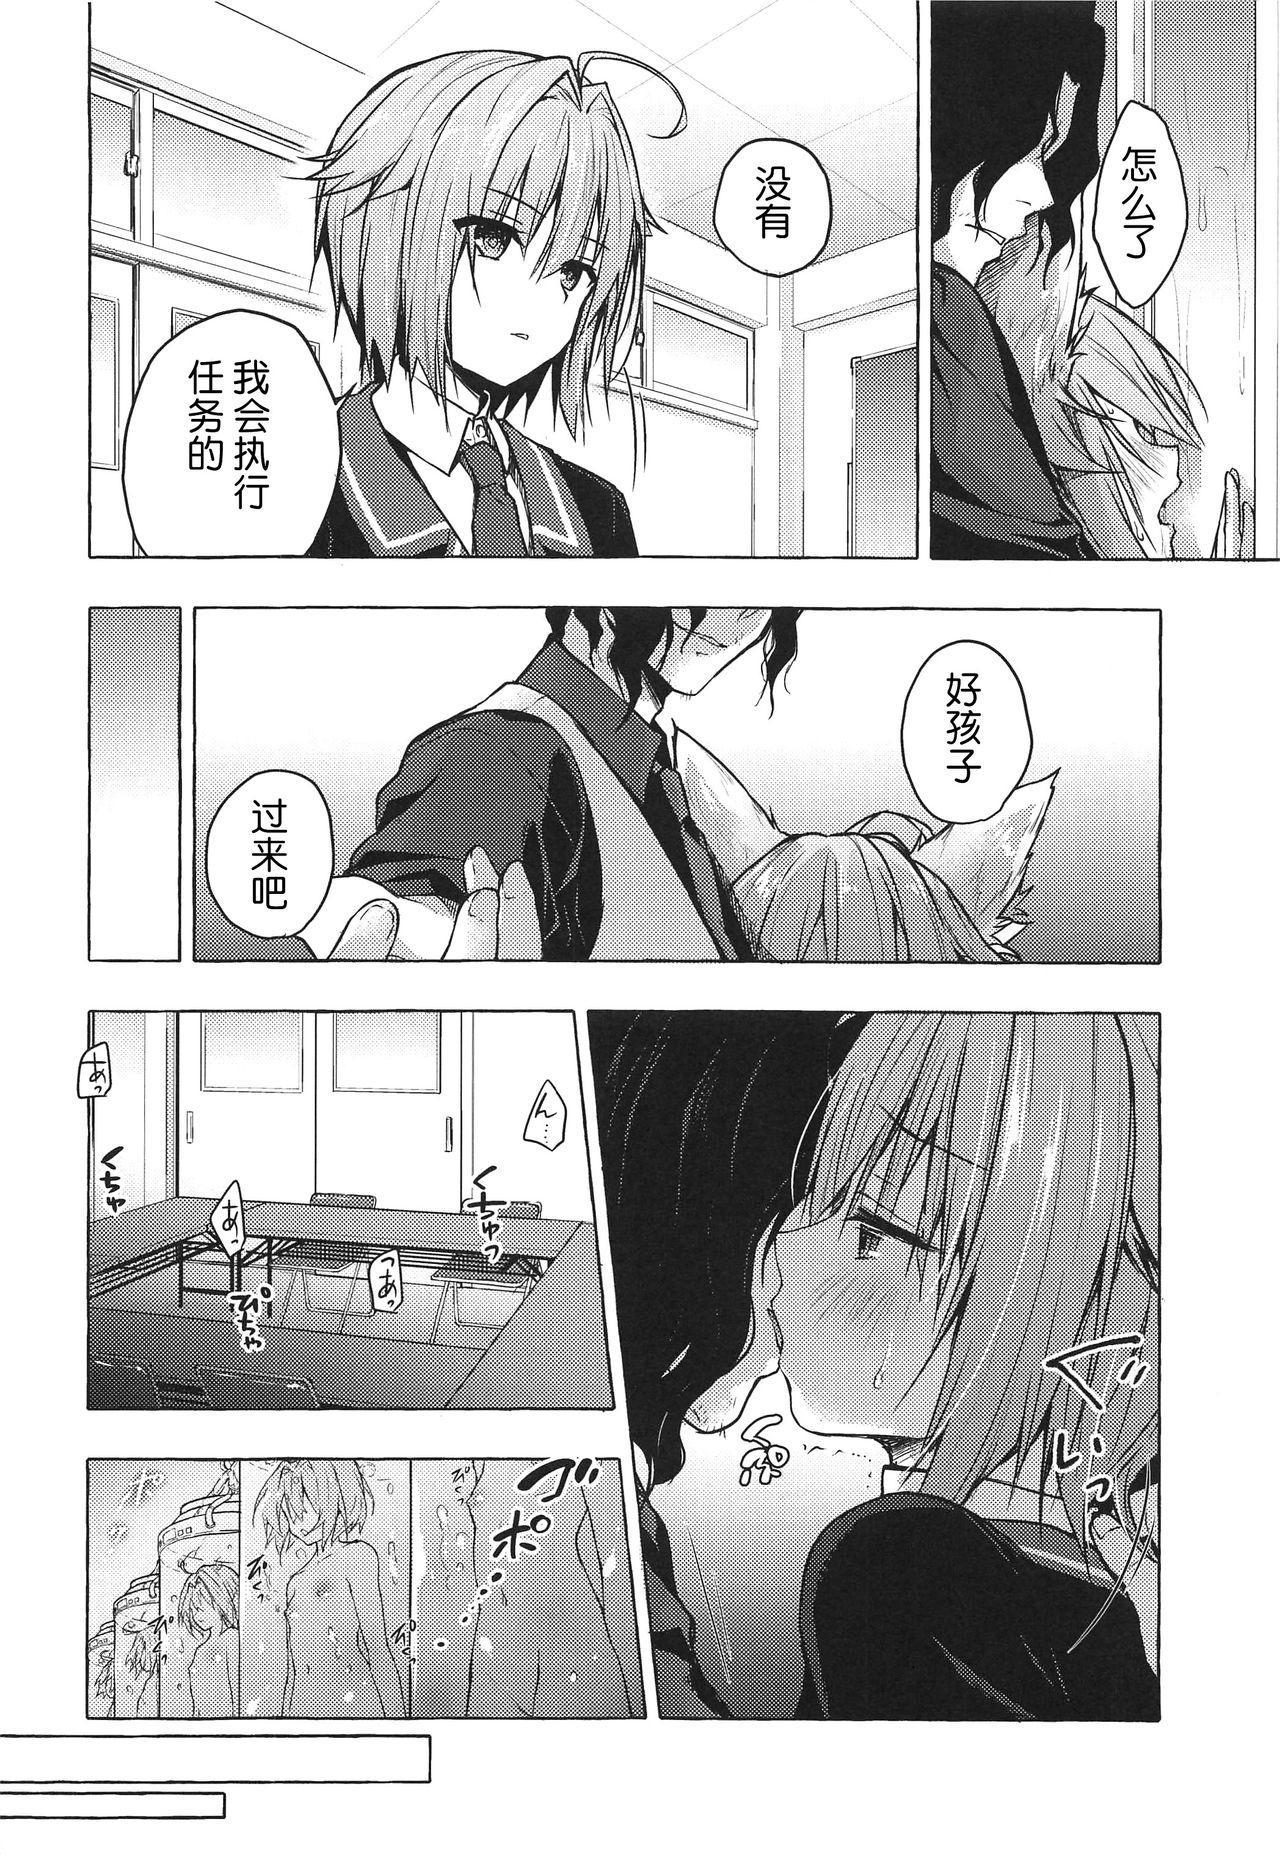 (COMIC1☆15) [KINOKONOMI (konomi)] Nyancology 8 -Otomari ni Kita Nekoda-san to no Himitsu- [Chinese] [路过的rlx个人练习汉化] 6